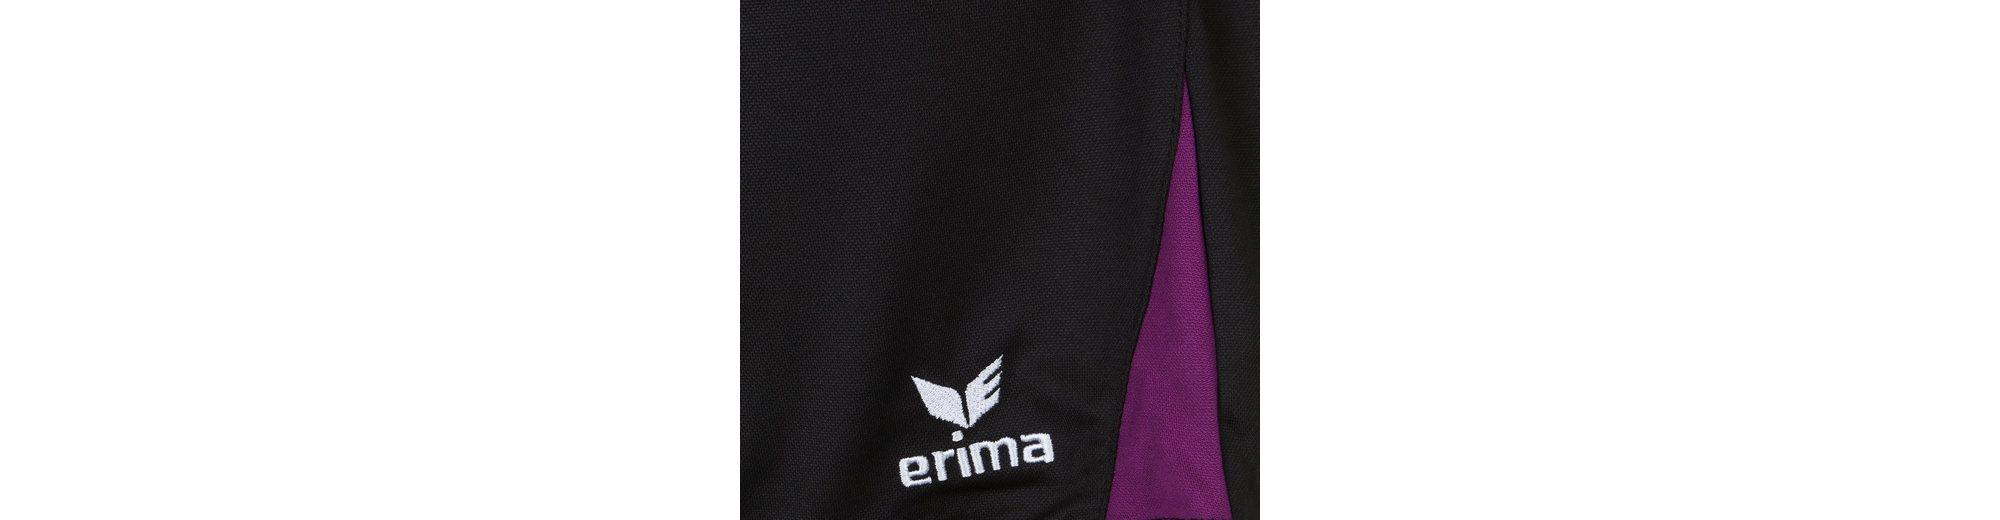 ERIMA 5-CUBES Short Damen Besuchen Neuen Günstigen Preis Brandneues Unisex Verkauf Online Verkauf Finish glsW6